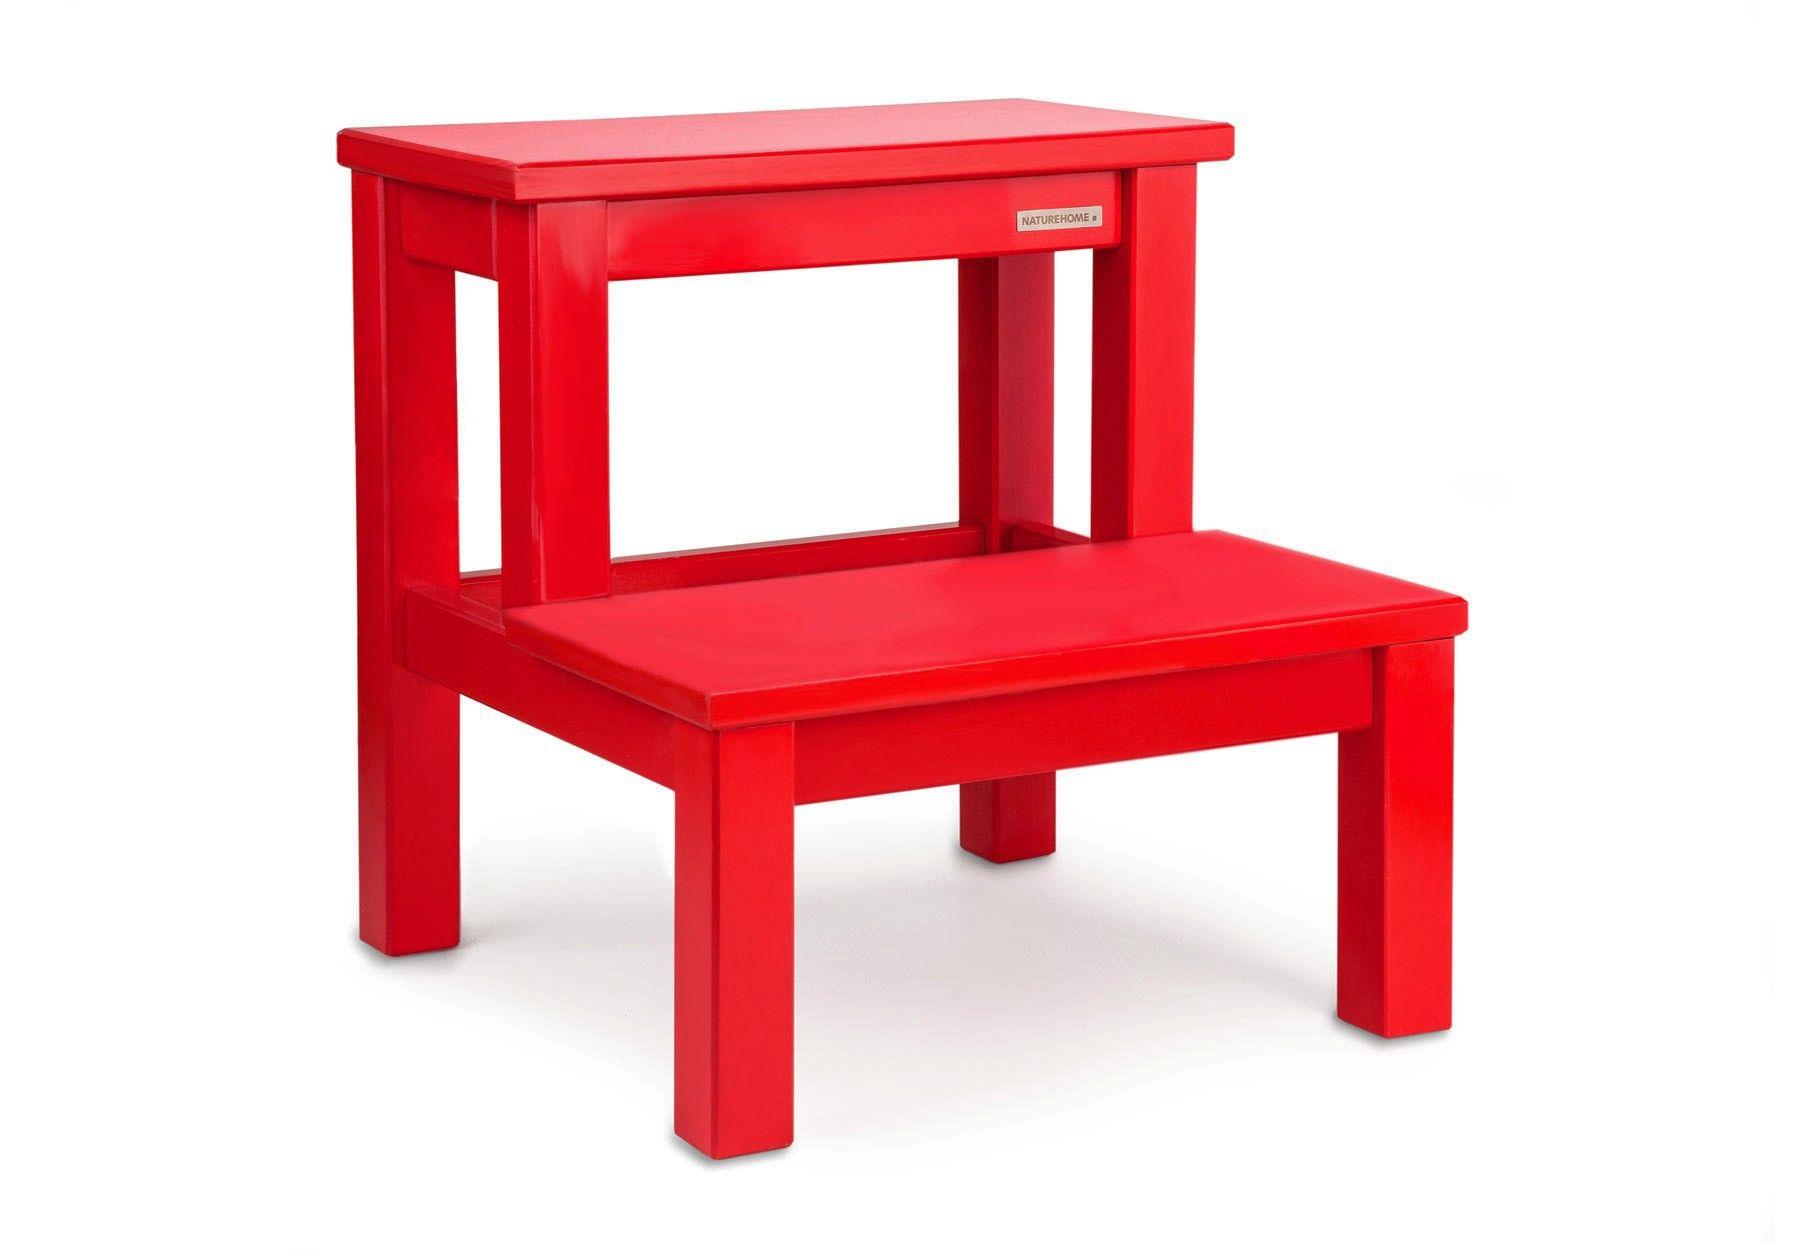 Großzügig Küchenstuhl Tritthocker Fotos - Küche Set Ideen ...